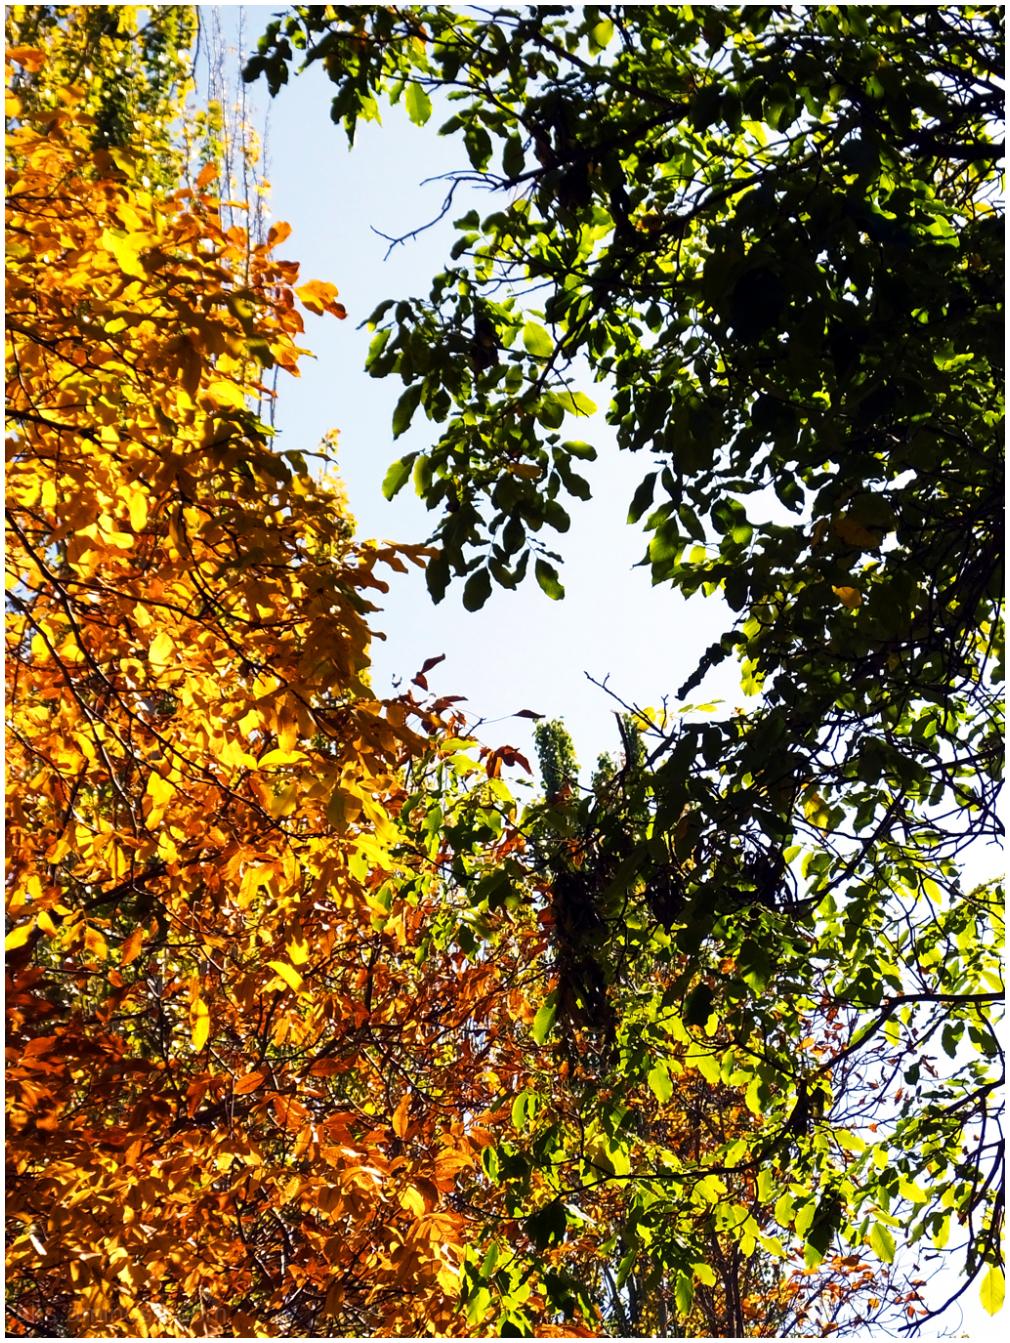 Mid fall